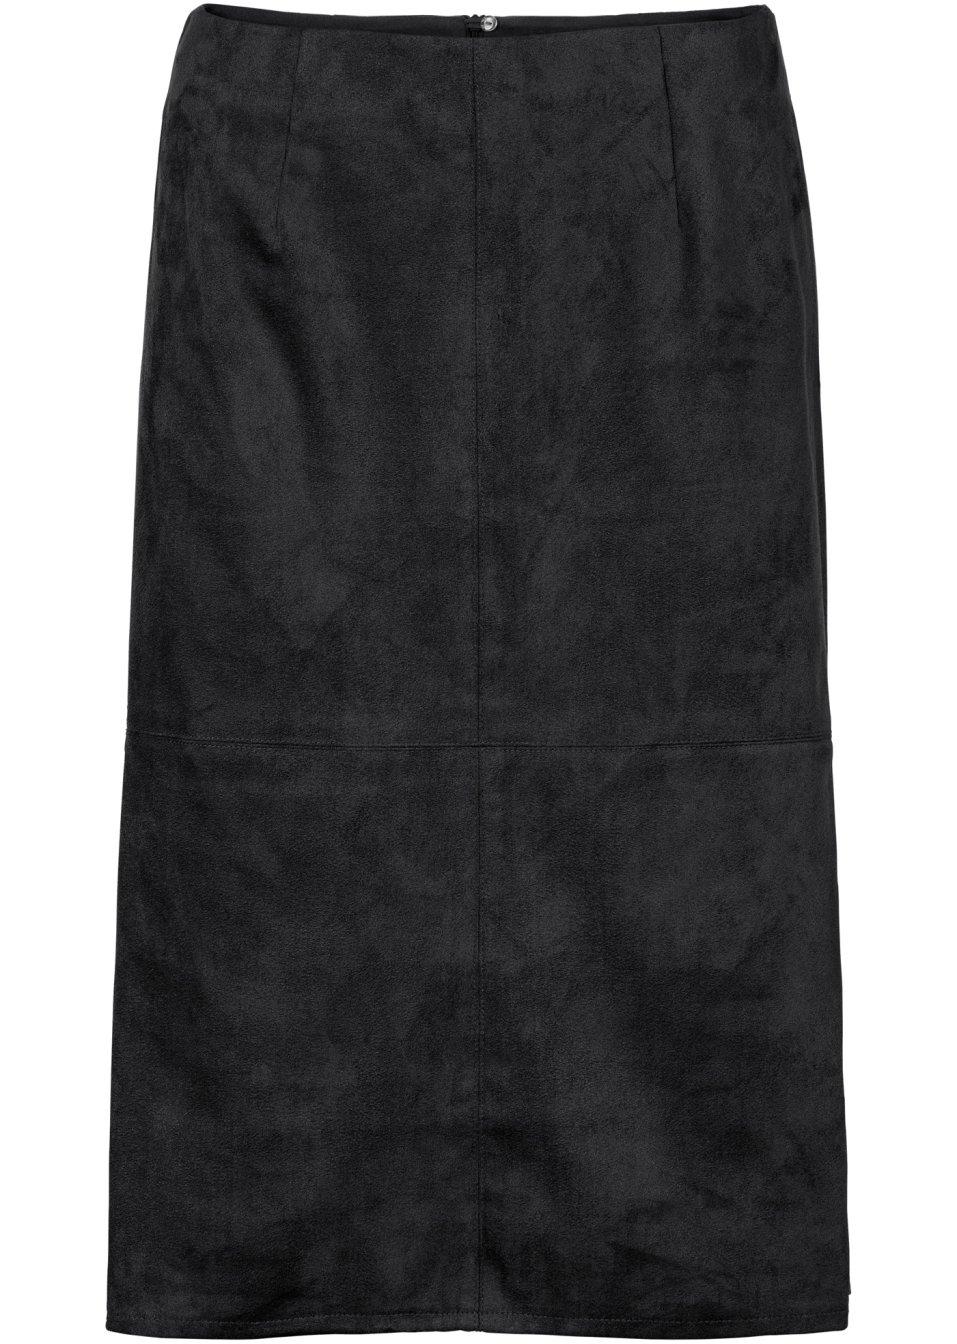 jupe en synth tique imitation cuir noir bodyflirt. Black Bedroom Furniture Sets. Home Design Ideas